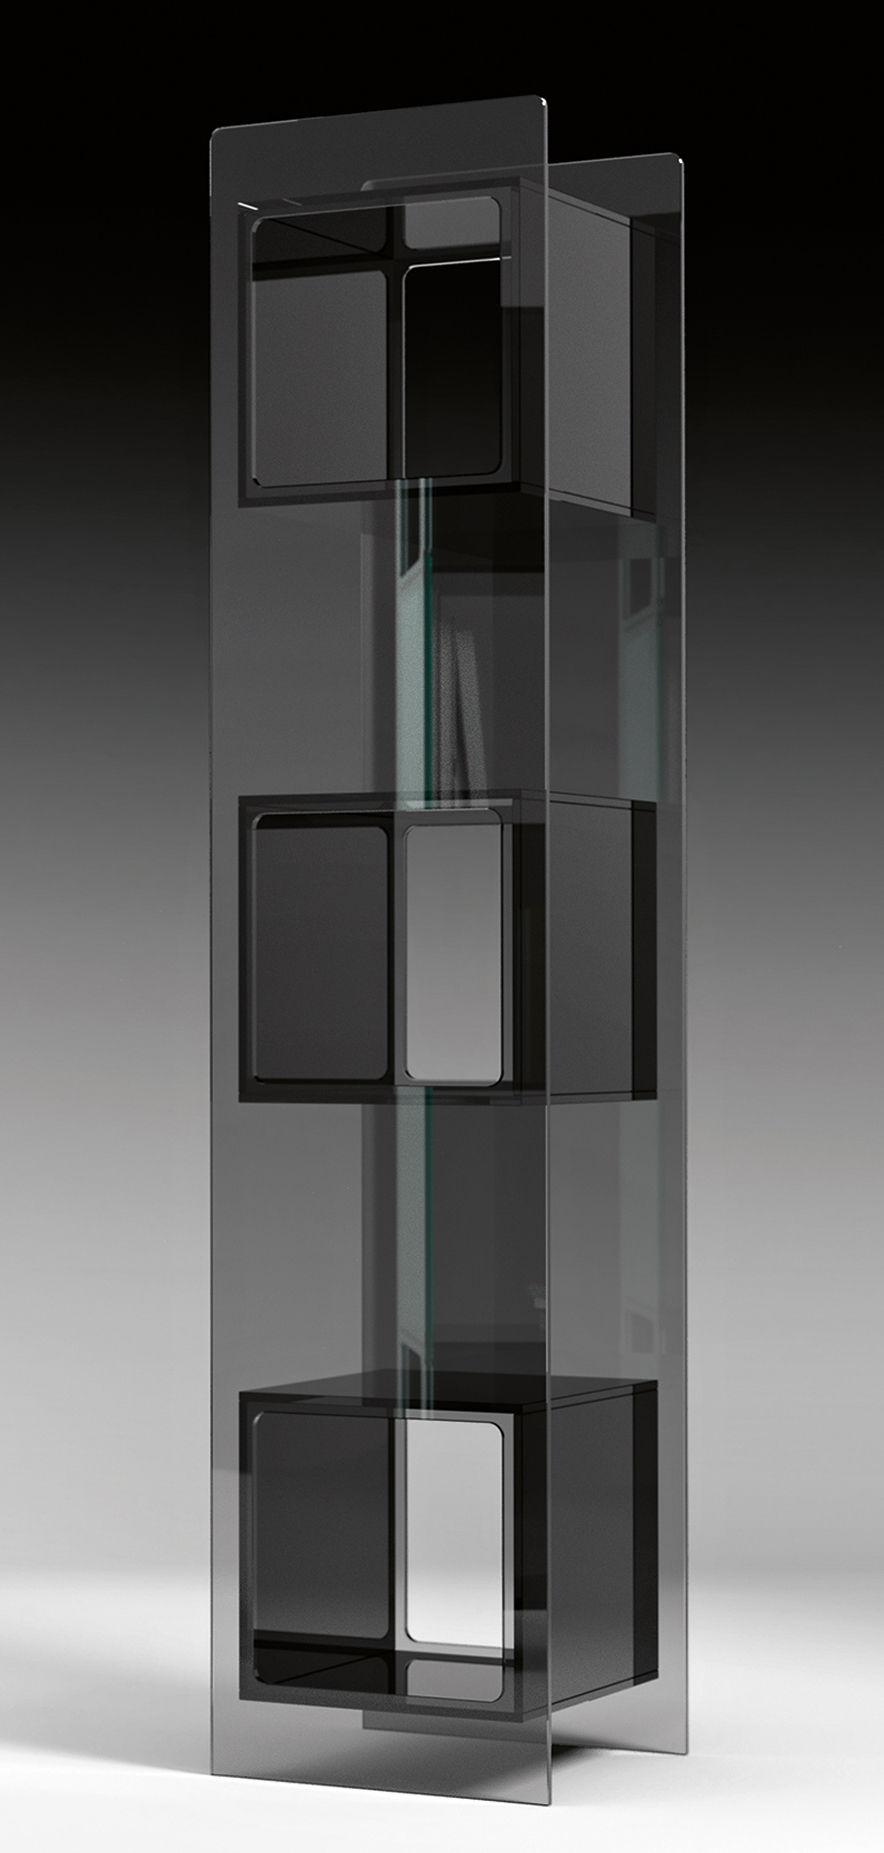 Mobilier - Etagères & bibliothèques - Bibliothèque Magique Totem / L 38 x H 172 cm - FIAM - Transparent / Casiers noirs - Verre